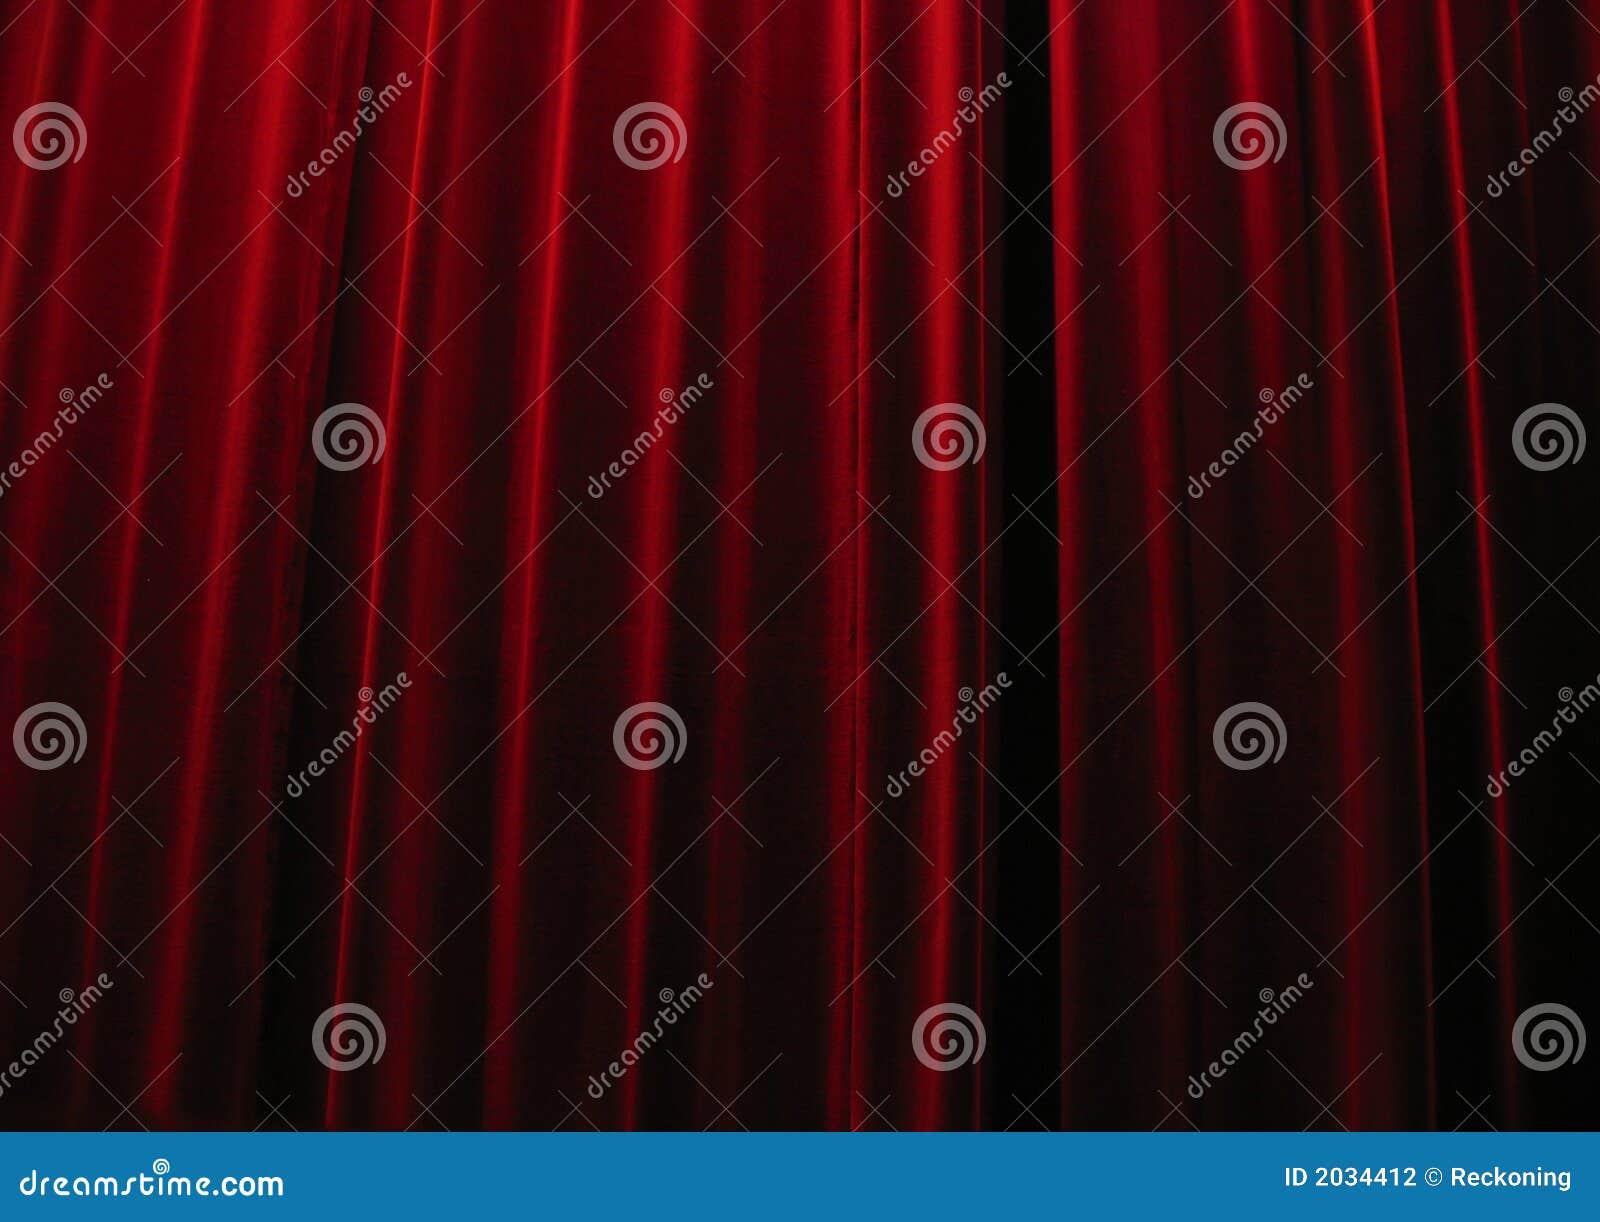 De rode gordijnen van het theater van het fluweel stock fotografie afbeelding 2034412 for Kubusgordijnen